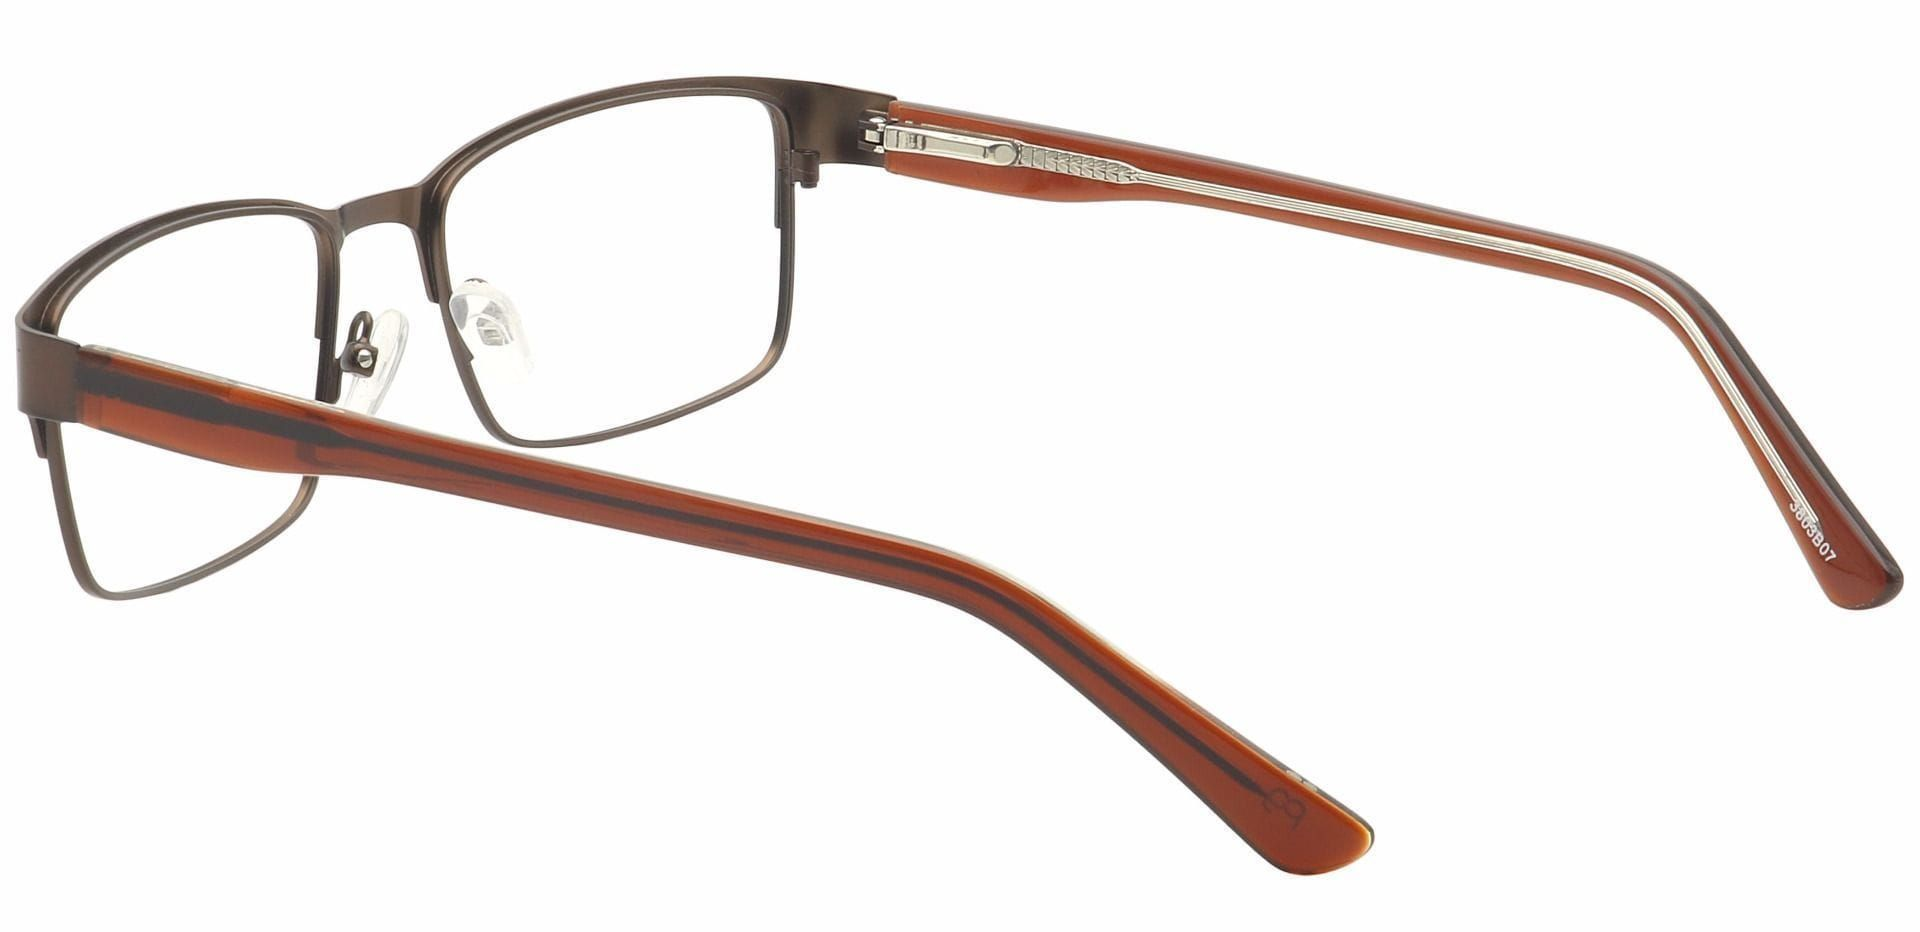 Lorn Rectangle Prescription Glasses - Brown